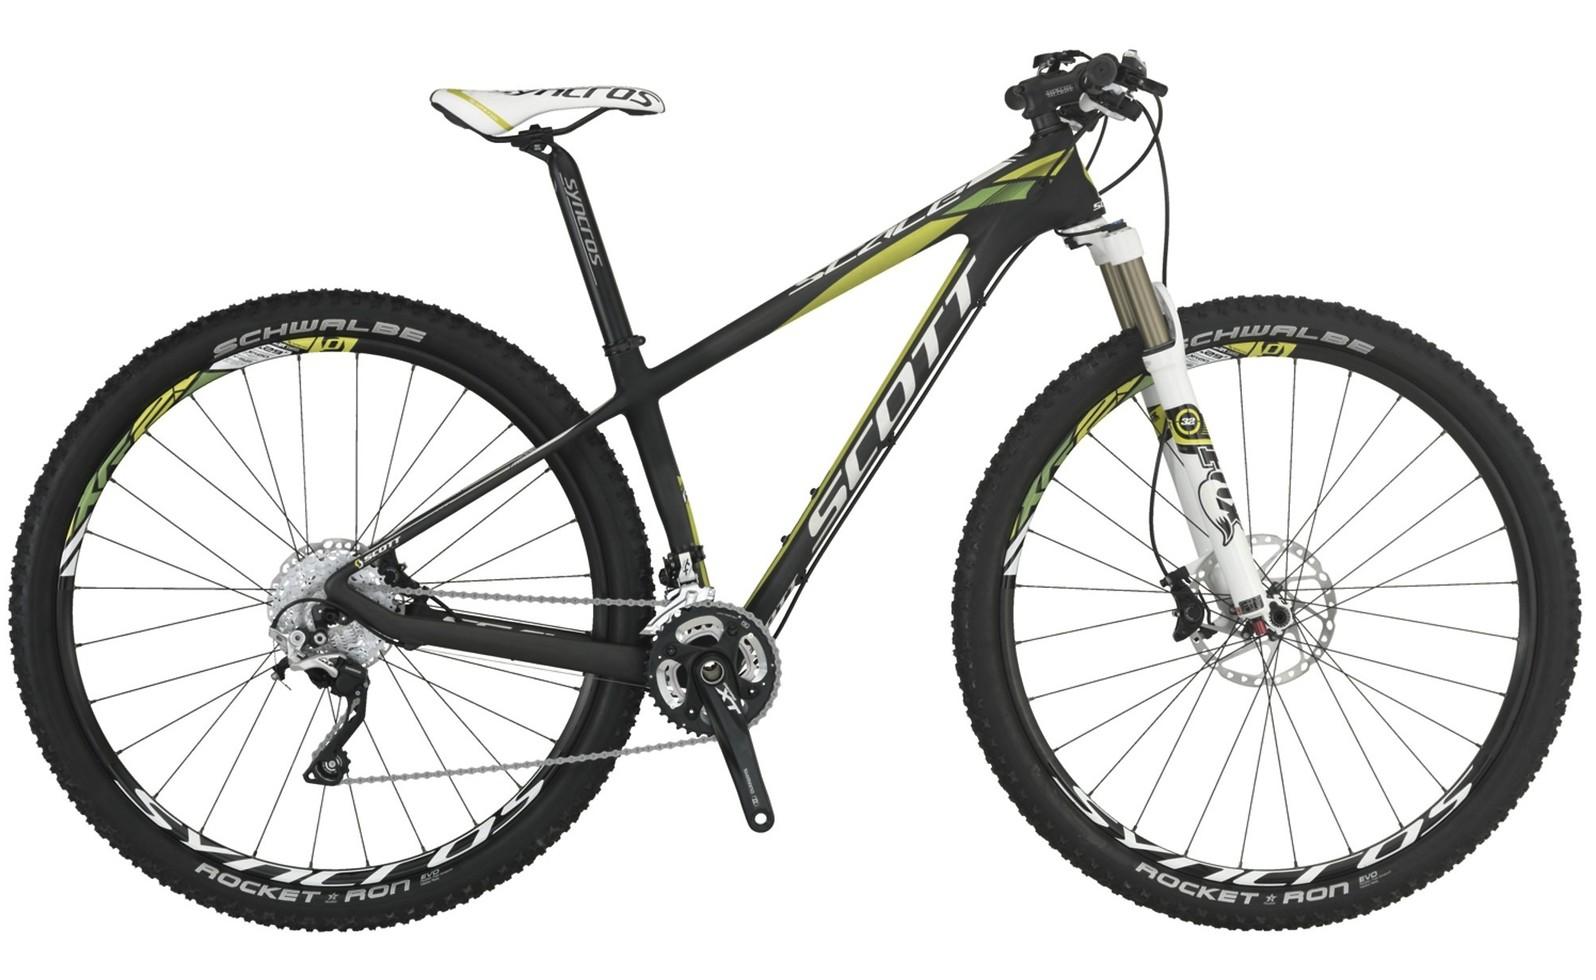 SCOTT Contessa Scale 900 RC Bike